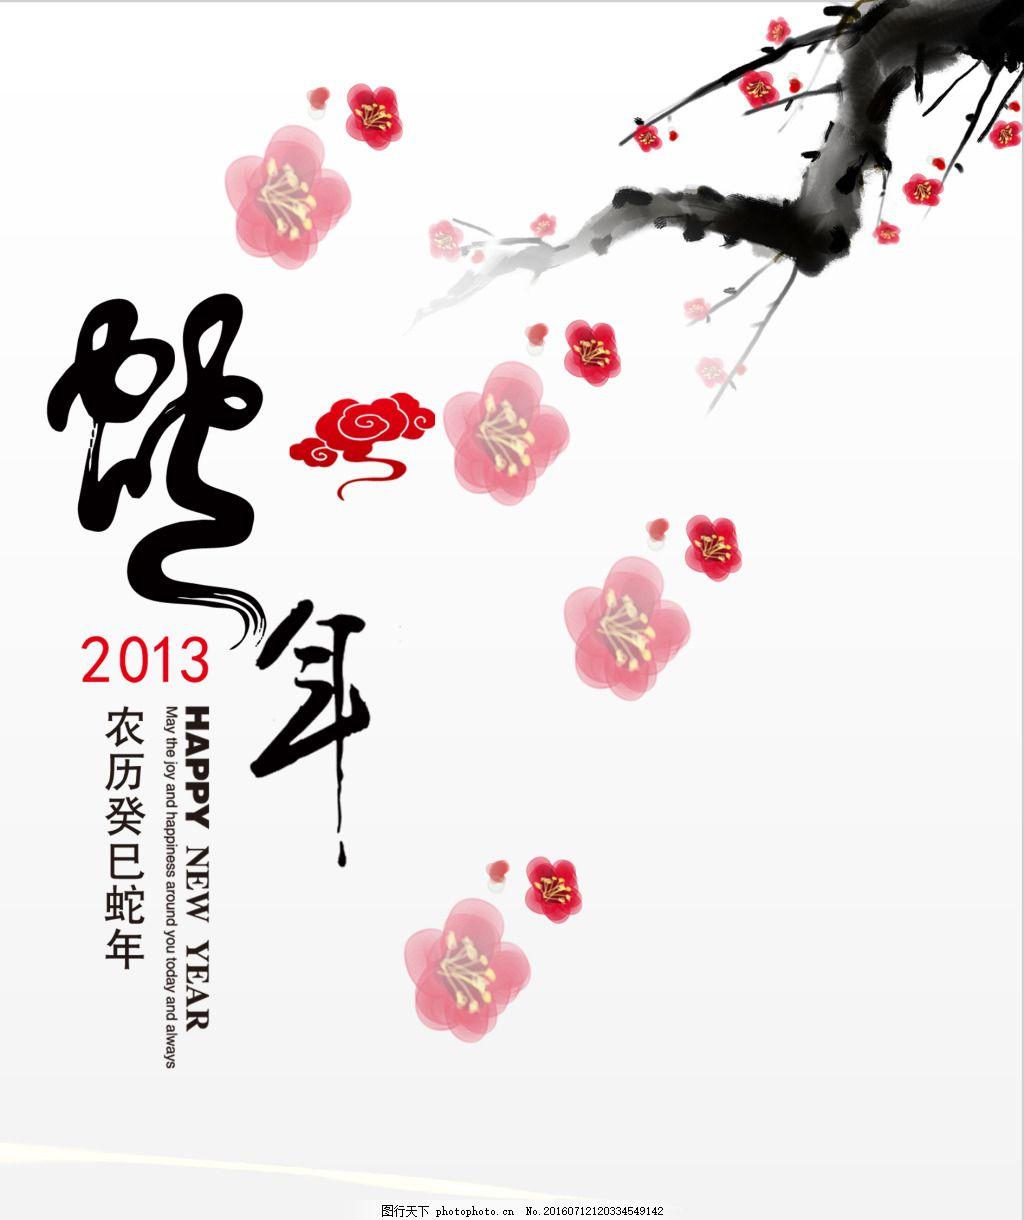 中国风元素 边框花纹 花纹 中国风花纹 中国风背景 蛇年 水墨画 梅花